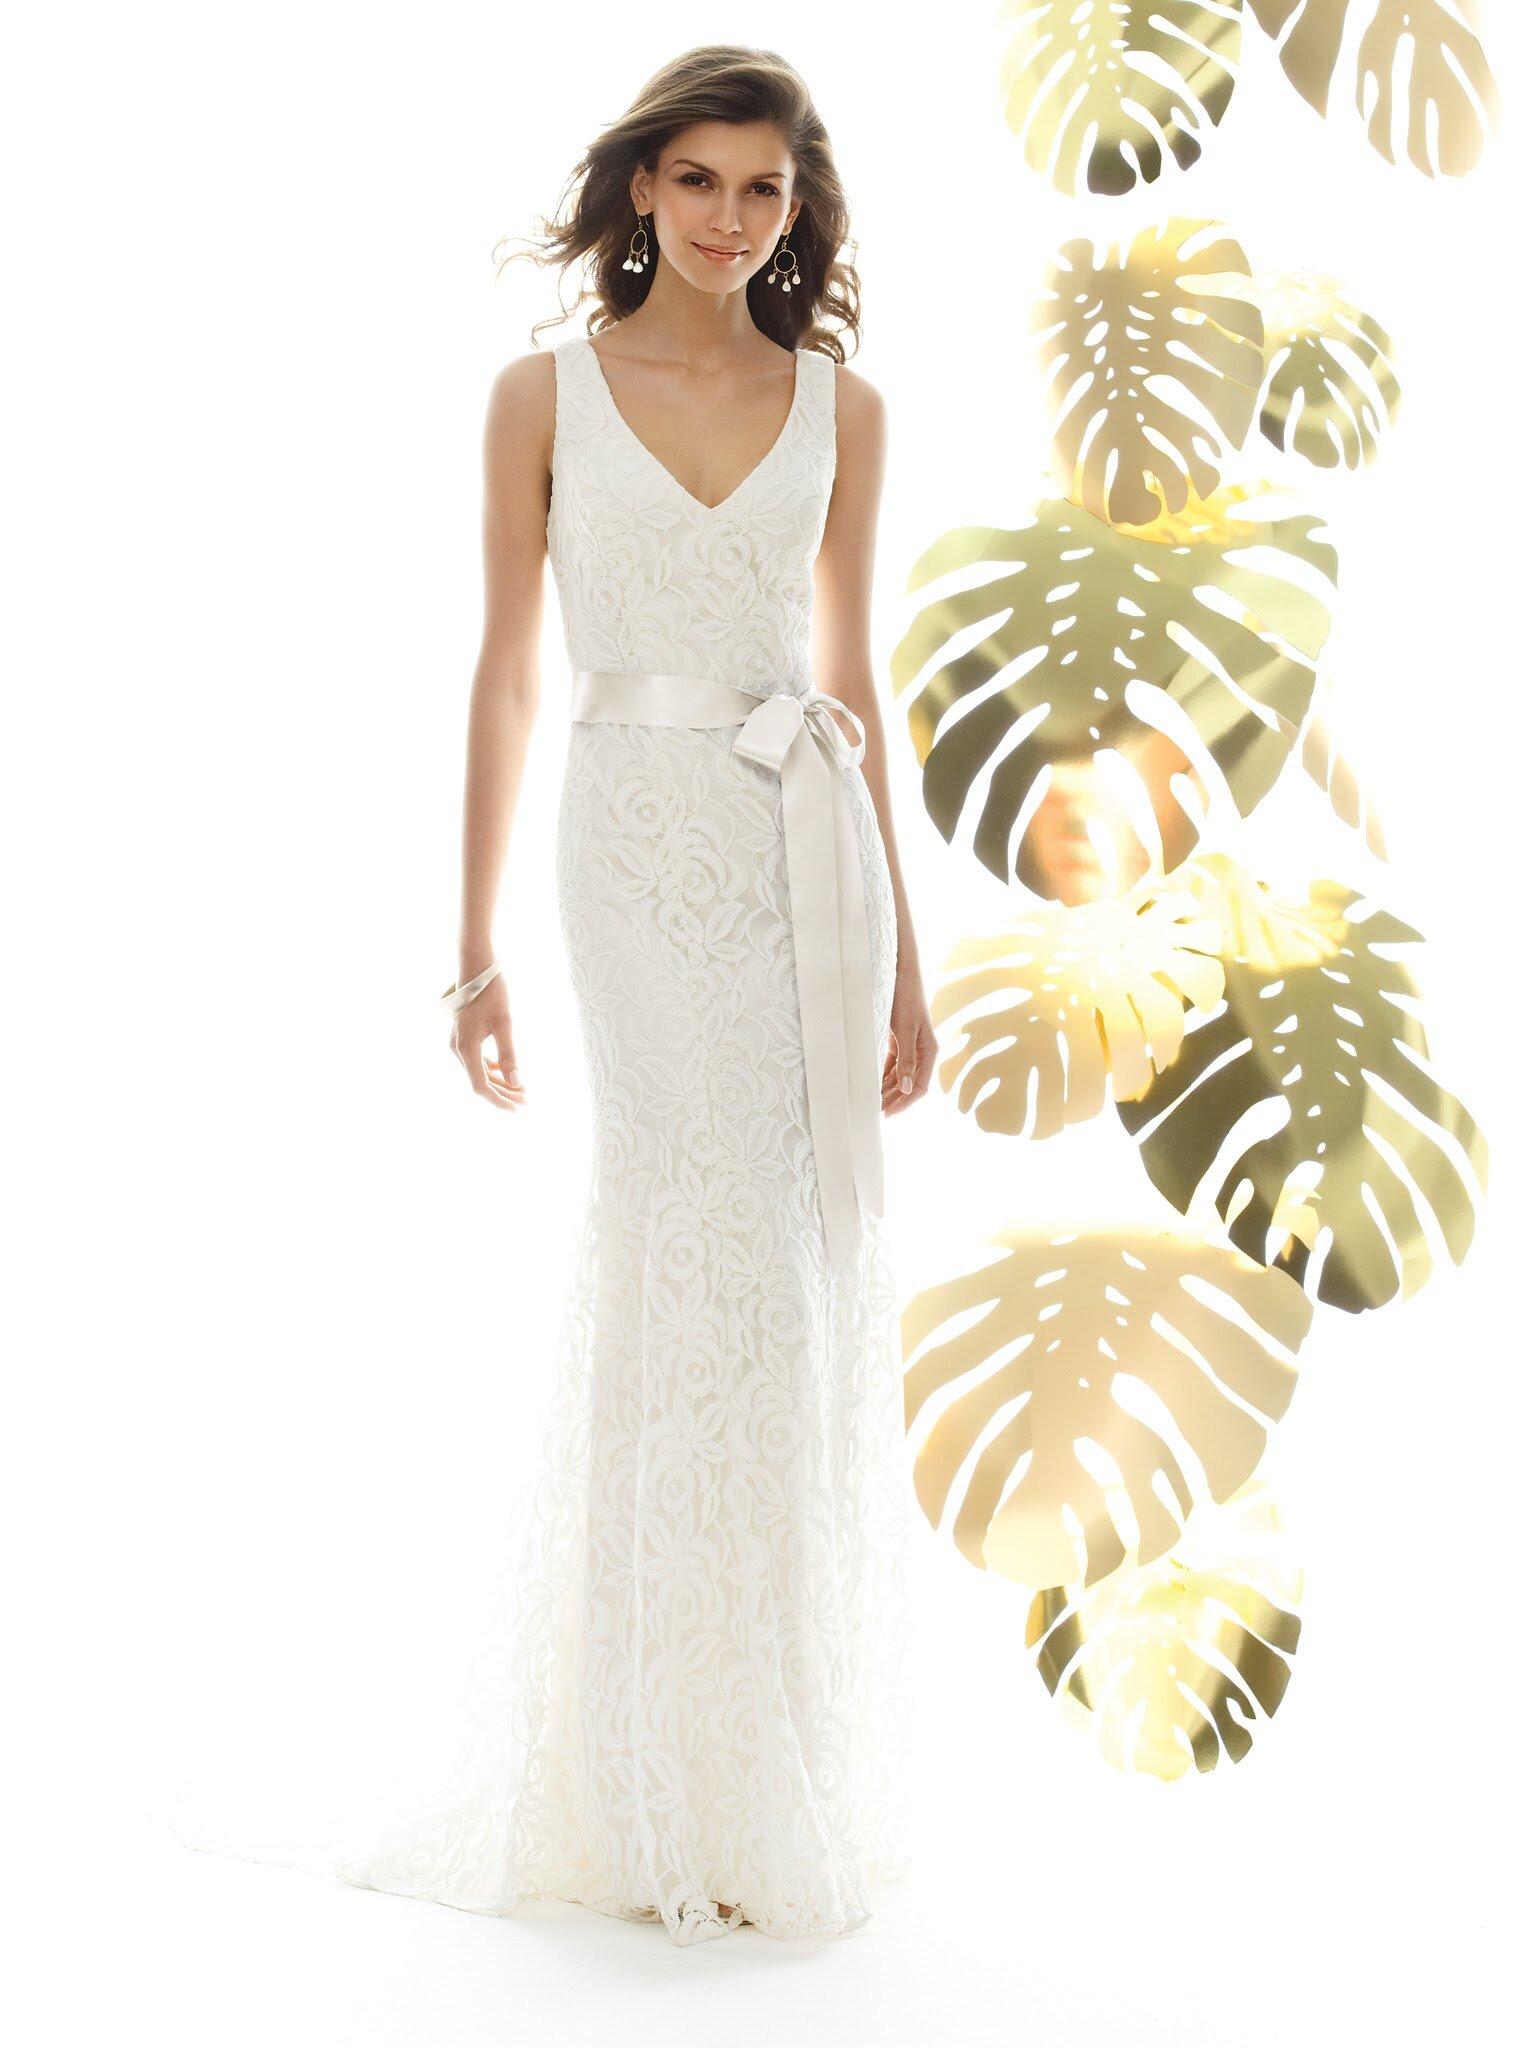 Destination wedding guest dresses pictures ideas guide for Dresses for destination wedding